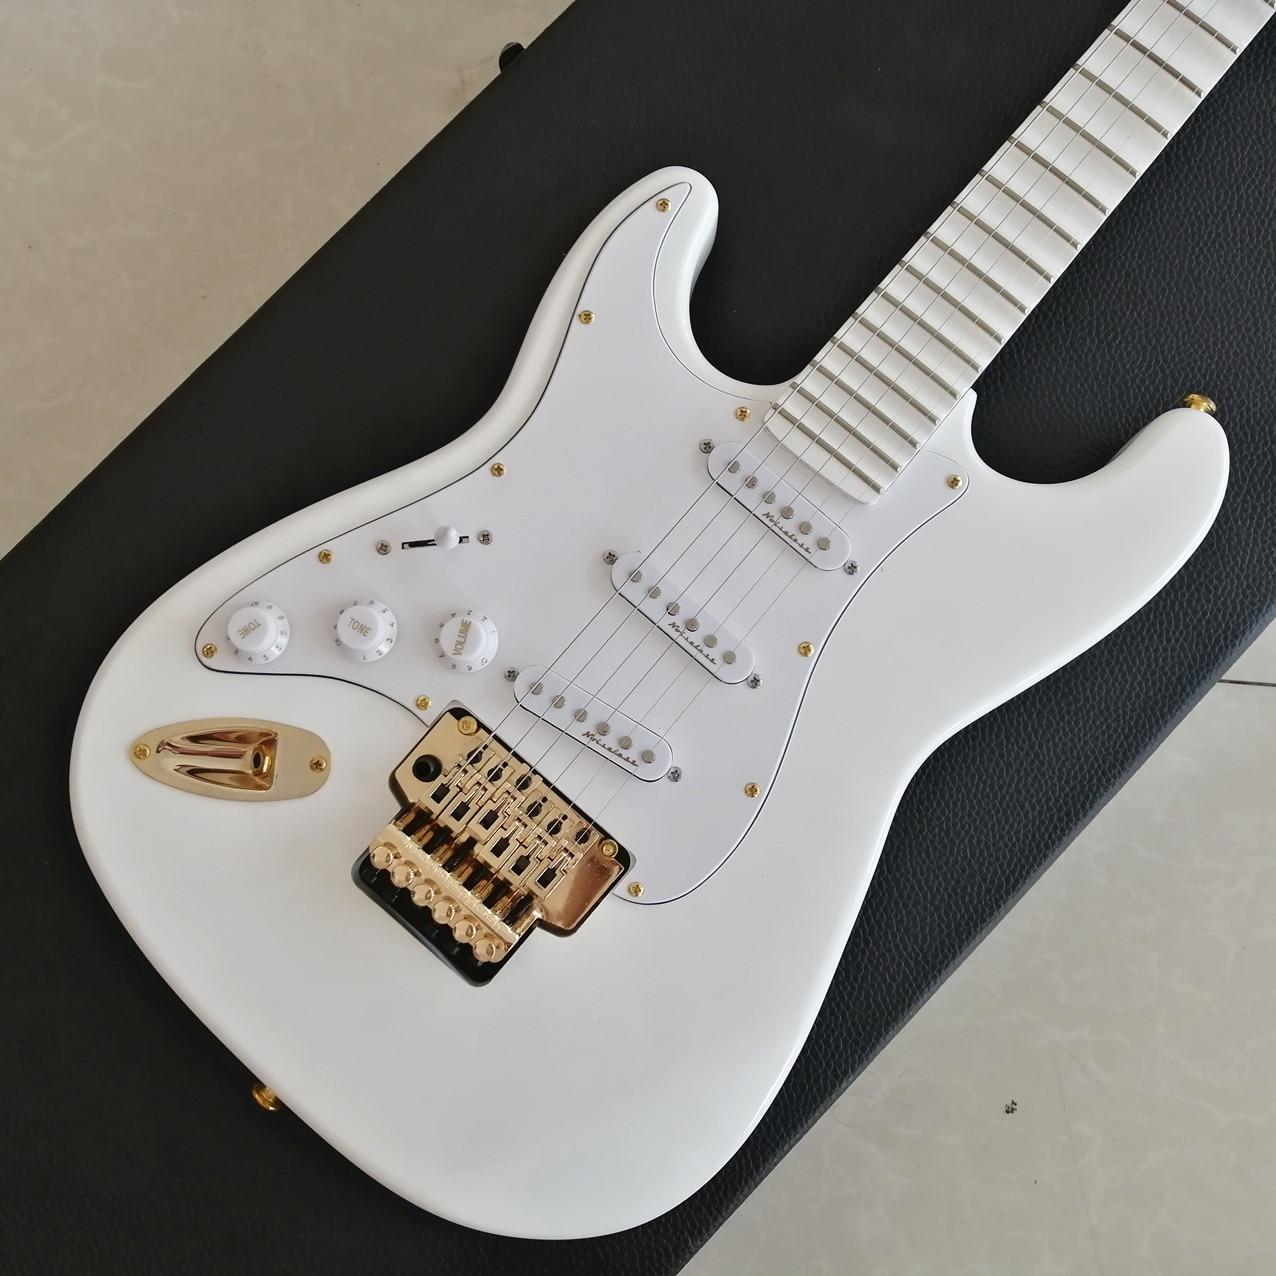 Guitarra Eléctrica ST, modelo de la fábrica al por mayor, 2020, cuello festoneado profundo, hardware dorado, guitarra blanca, envío gratis